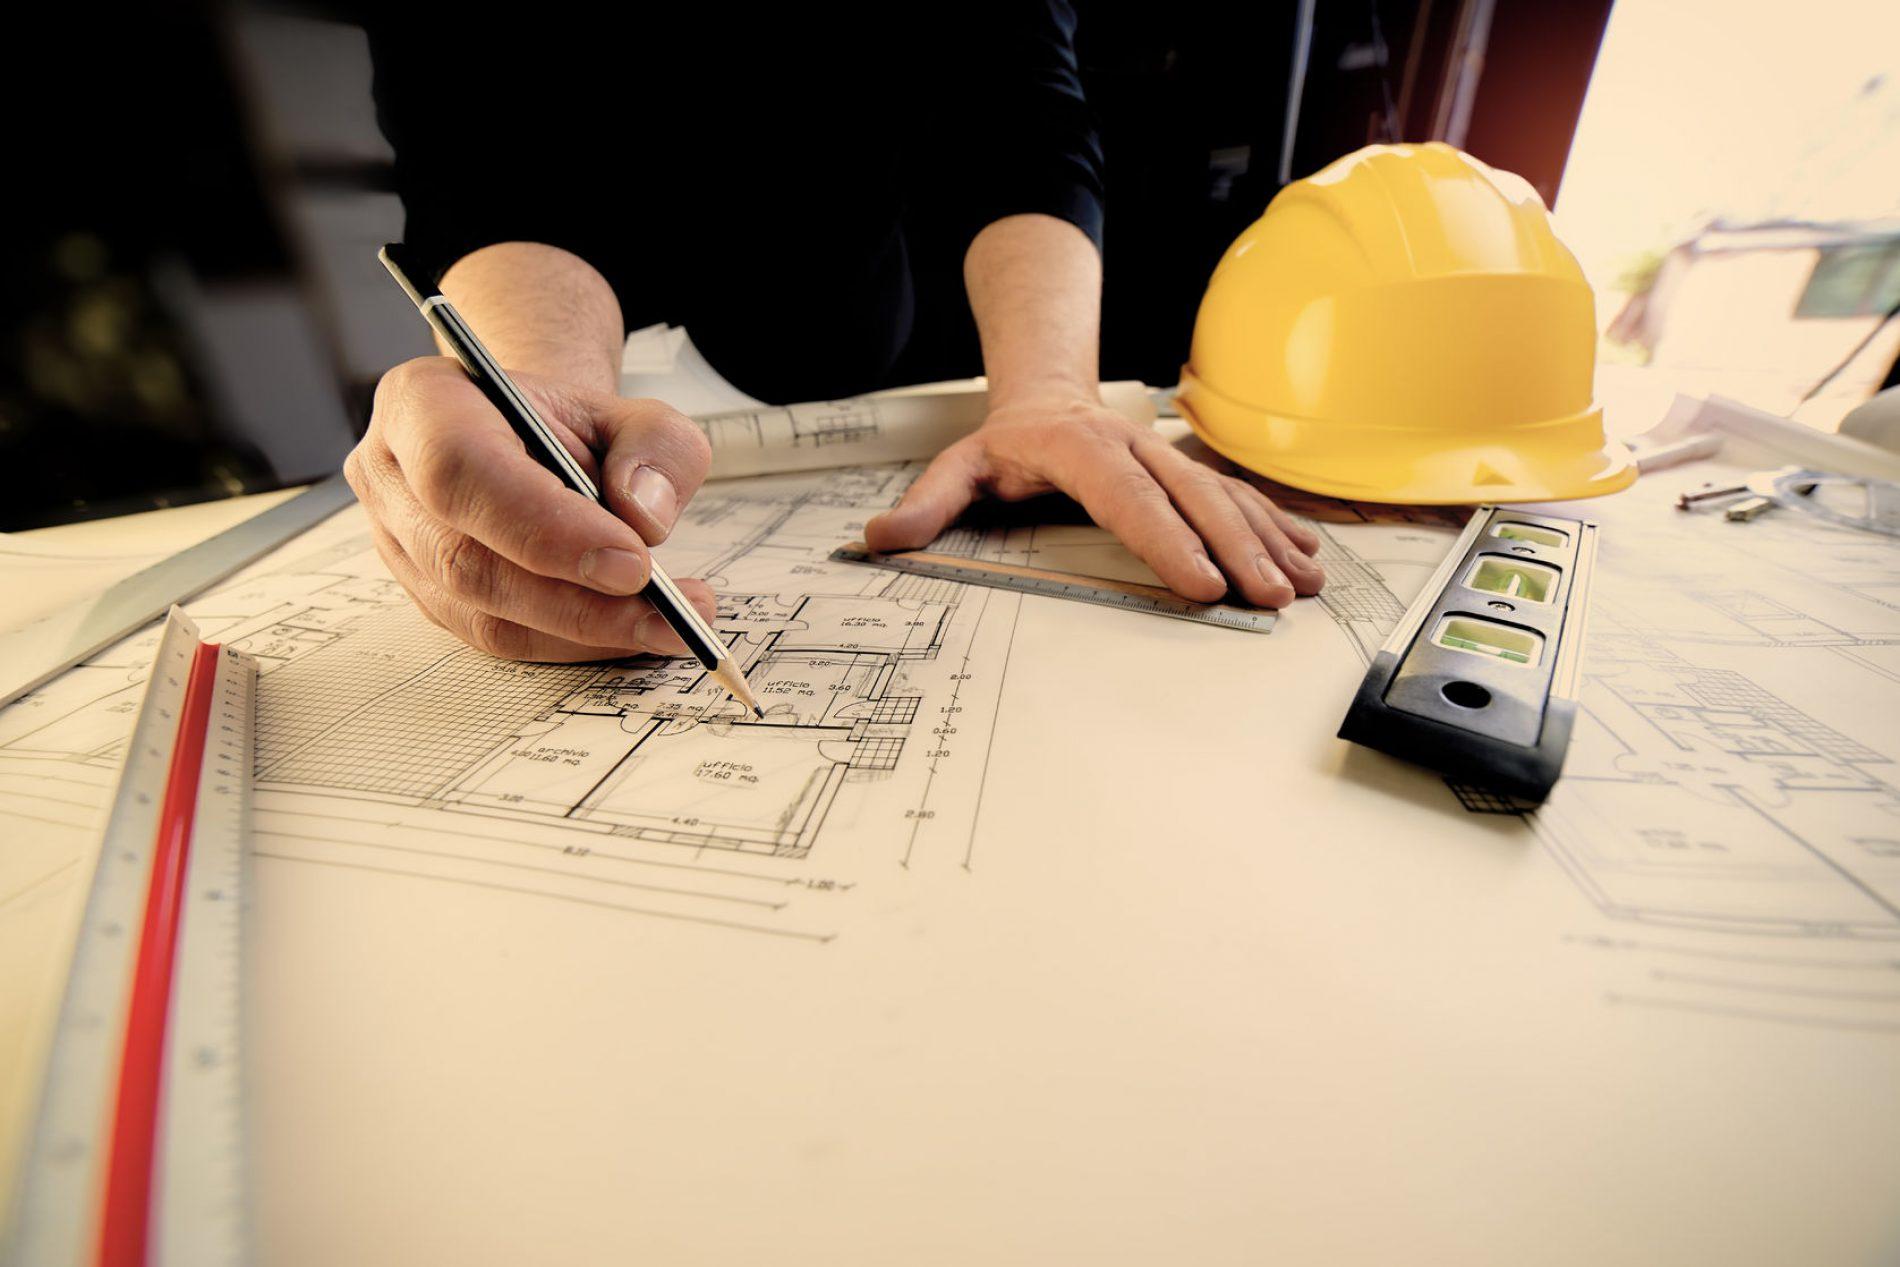 Società di ingegneria: iscrizione all'albo per lavorare con privati